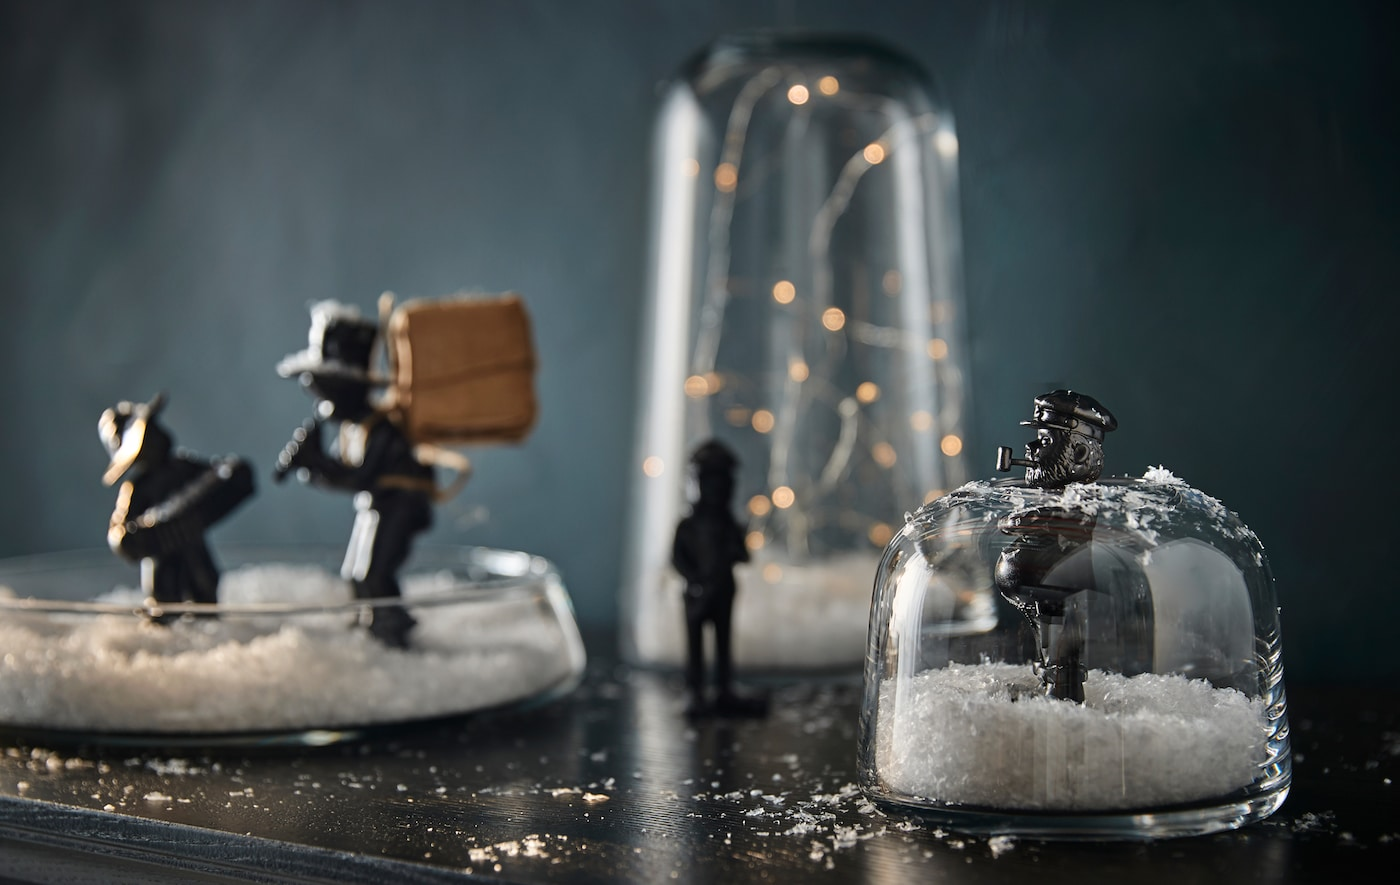 Ser du etter nye ideer til hvordan du kan dekorere i jula? Lag din egen snøkule med ei krukke. Vi har flere forskjellige krukker og vaser – som VINTER 2017 vase/telysholder i klart glass.